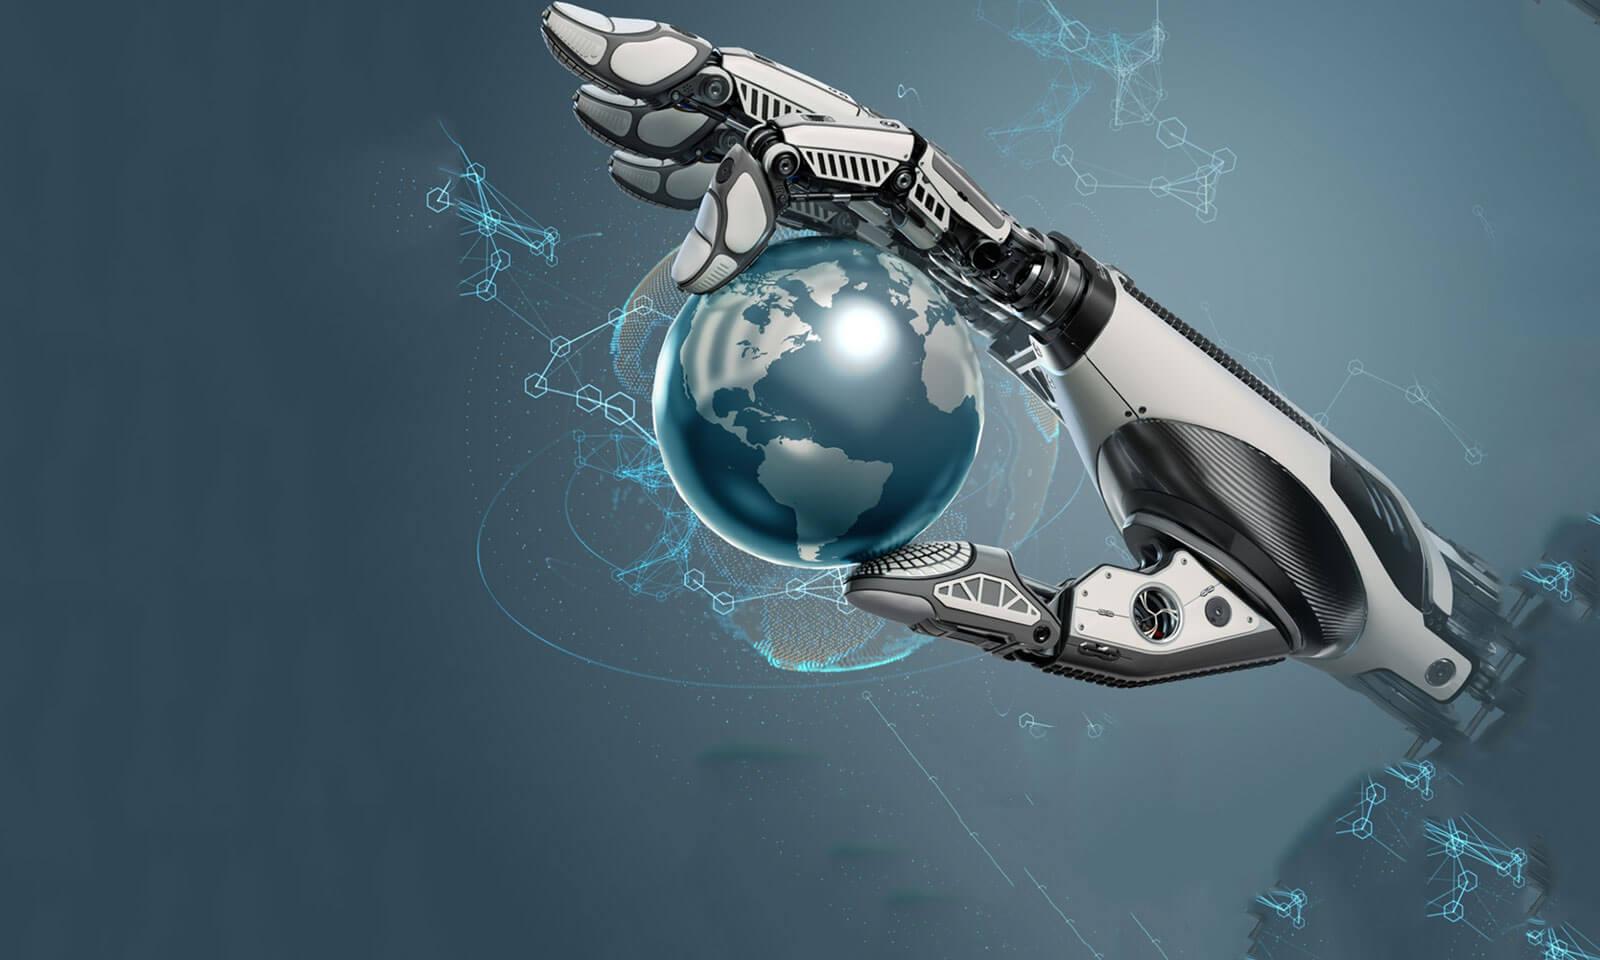 نمونه کاربردهای هوش مصنوعی در حوزه های مختلف